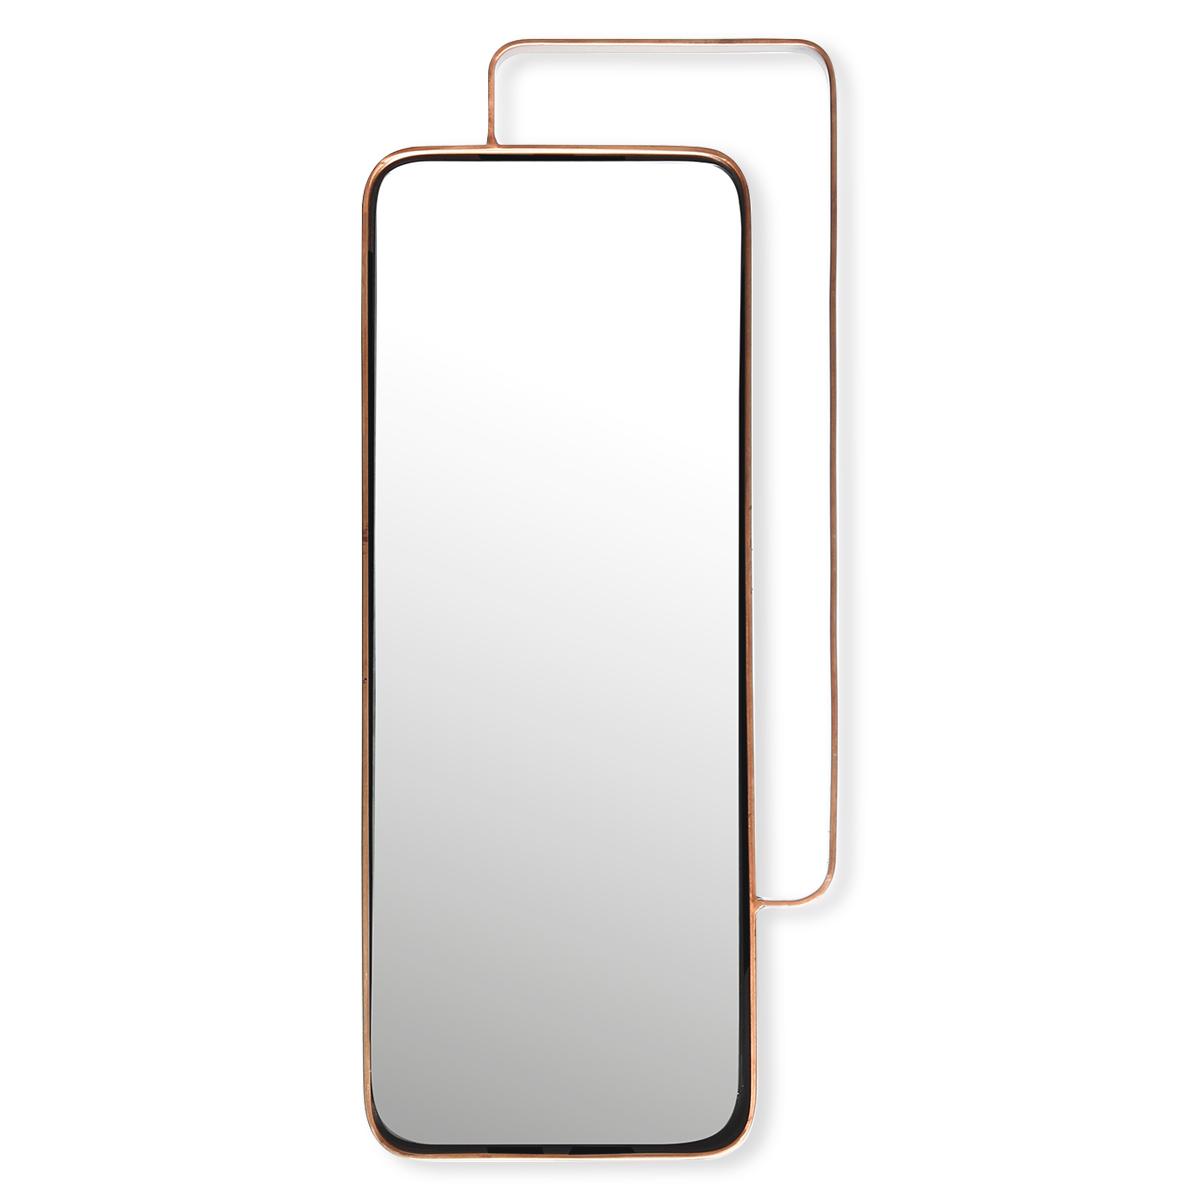 miroir rectangulaire en m tal cuivre bruno evrard. Black Bedroom Furniture Sets. Home Design Ideas